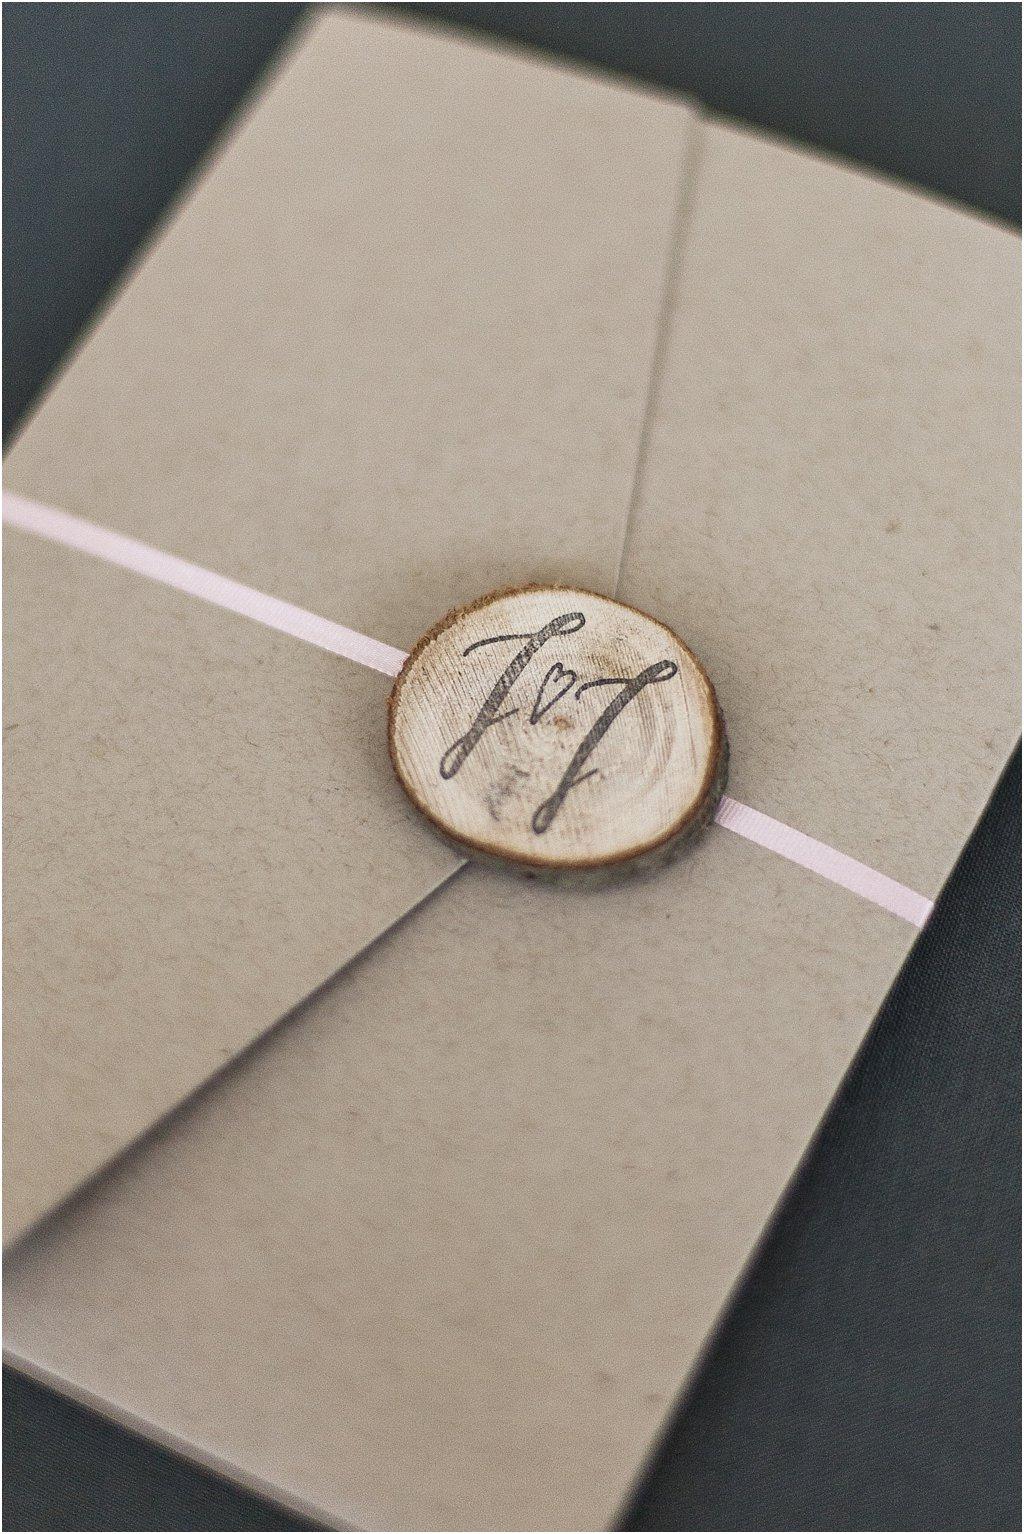 Pocketeinladung geschlossen mit Band und Holzscheibe und gestempeltem Paarlogo